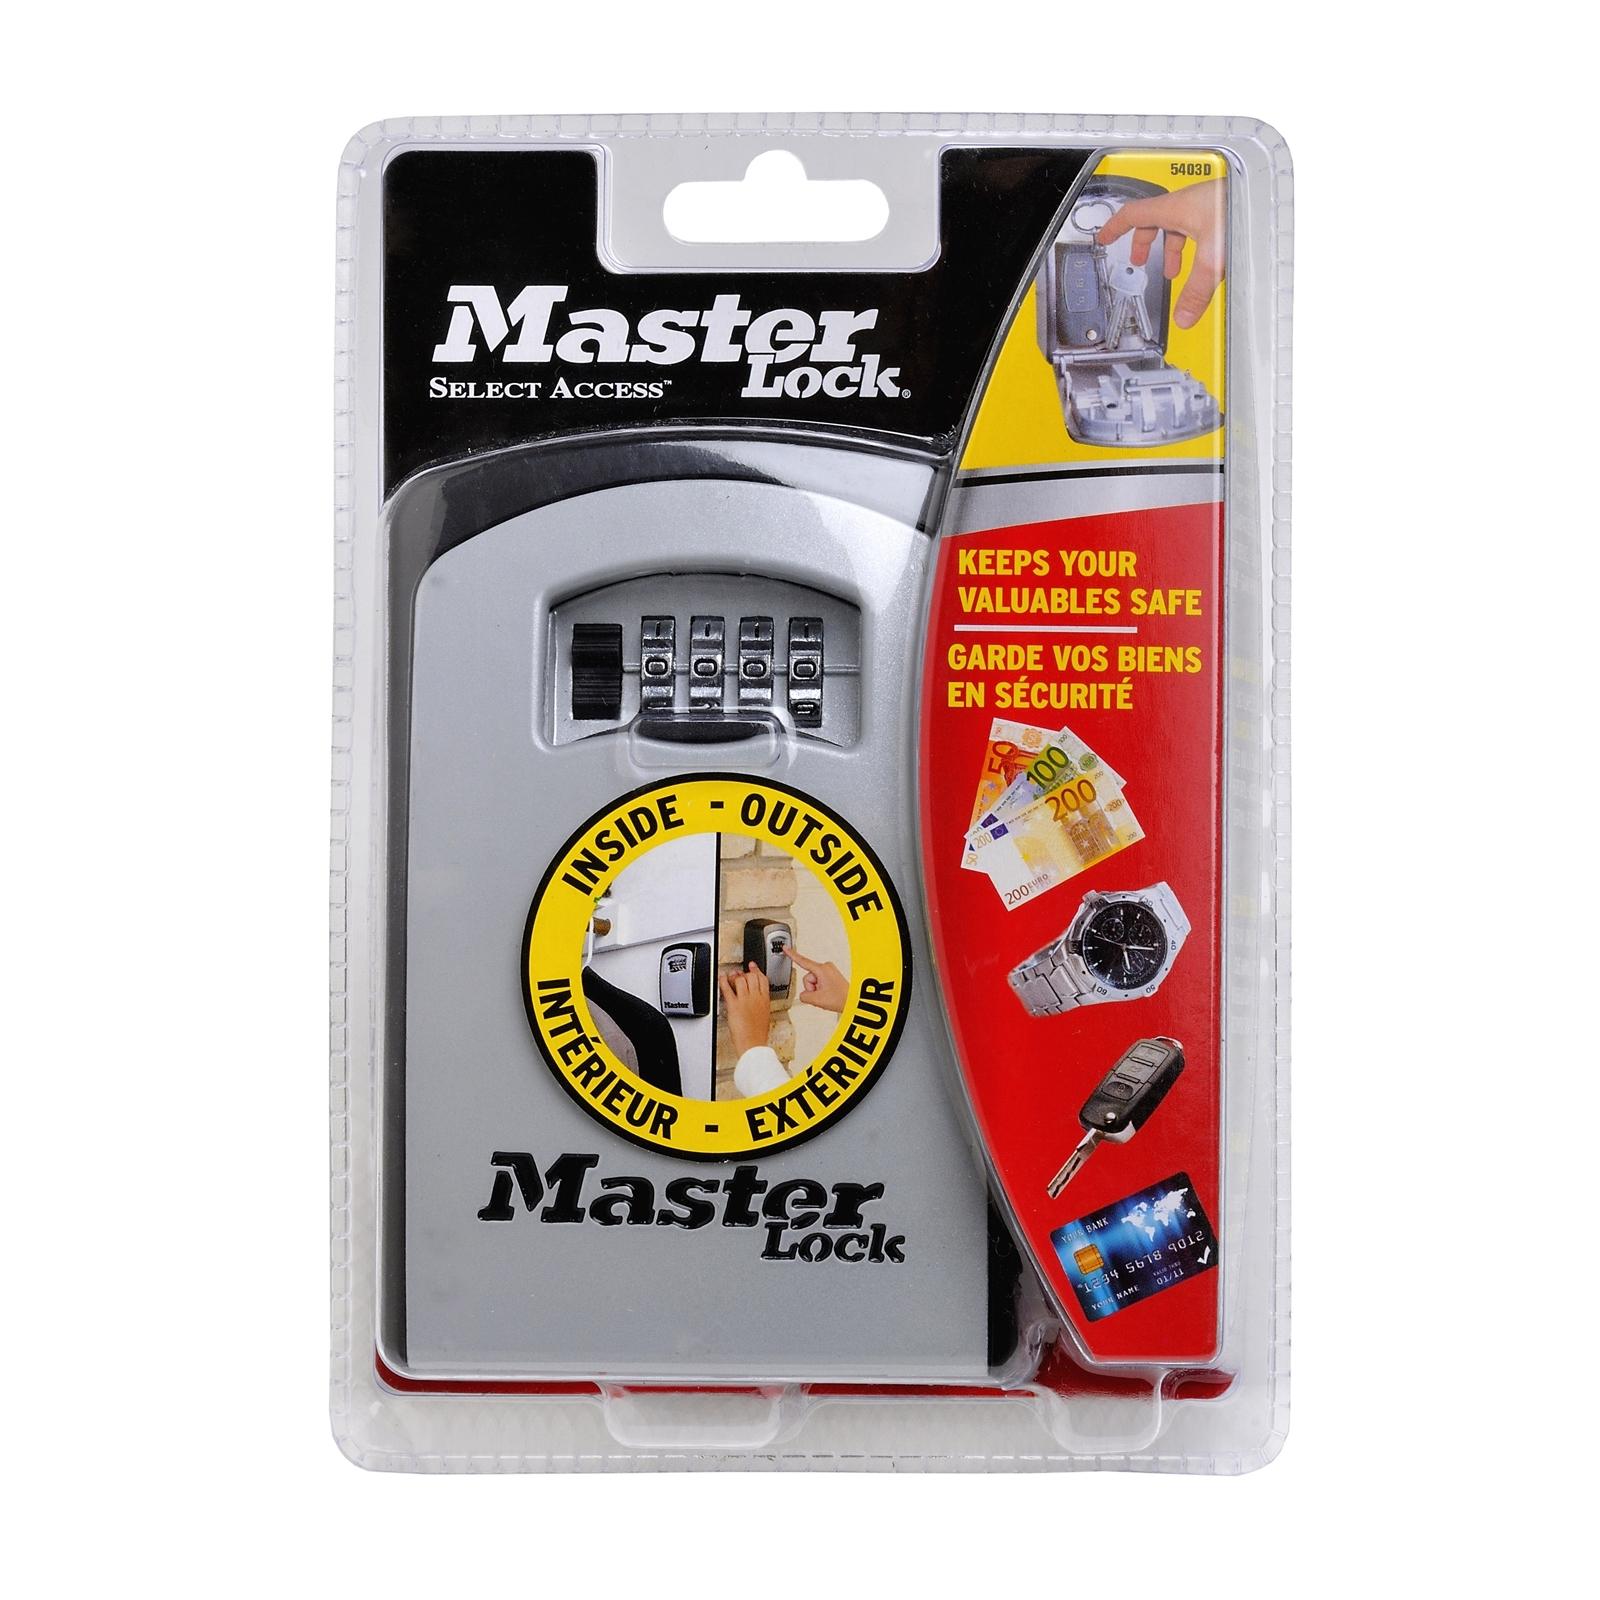 Master Lock Extra Large Wall Mounted Key Safe